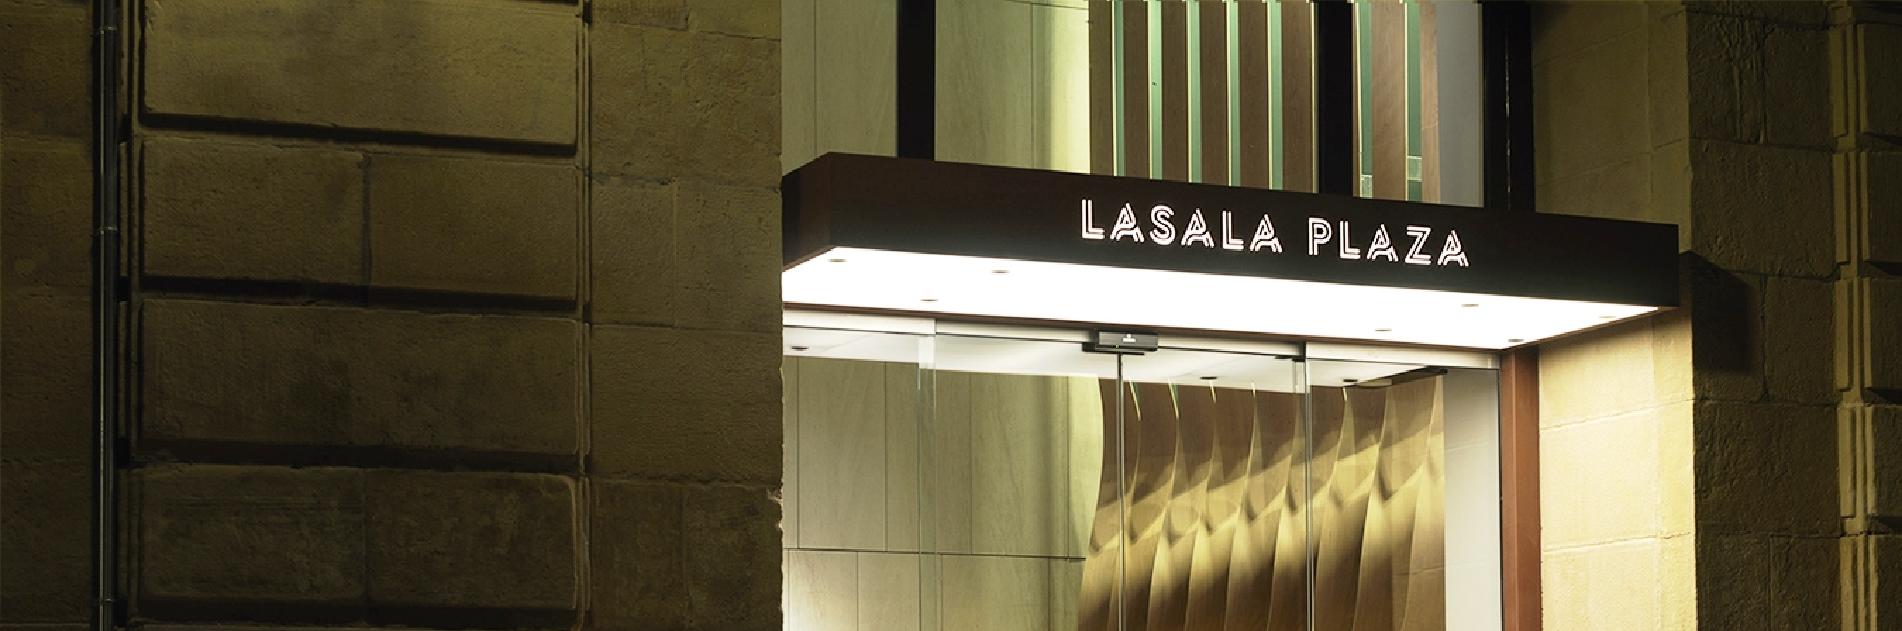 Cianco ha trabajado junto a arquitectos y decoreadores en el Plaza Lasasa Hotel para equipar dos cocinas en acero inoxidable